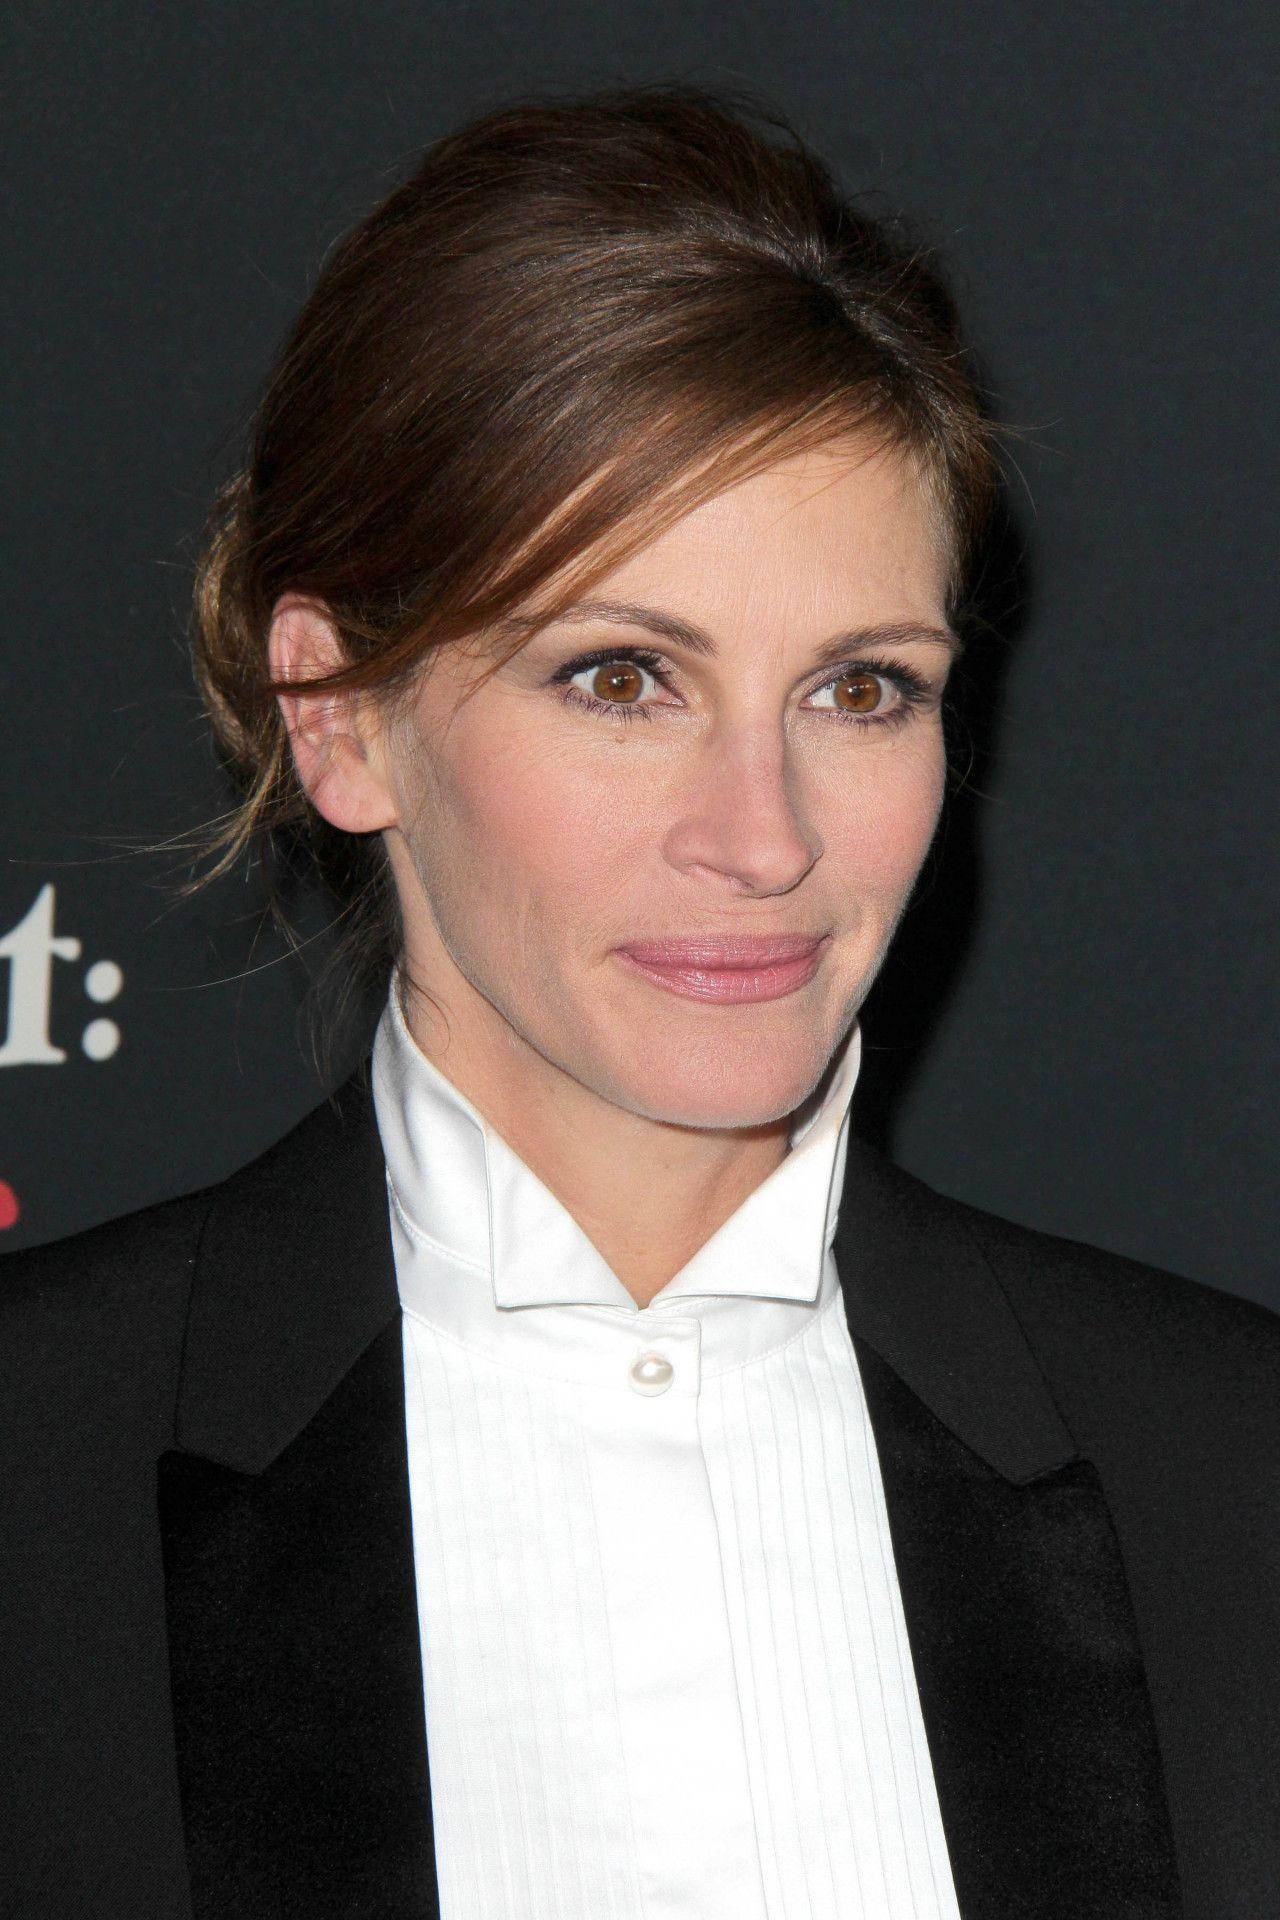 Während ihrer Schulzeit nahm Roberts an einigen Amateurvorstellungen teil, da sie von den schauspielerischen Erfolgen ihres Bruders beeindruckt war.